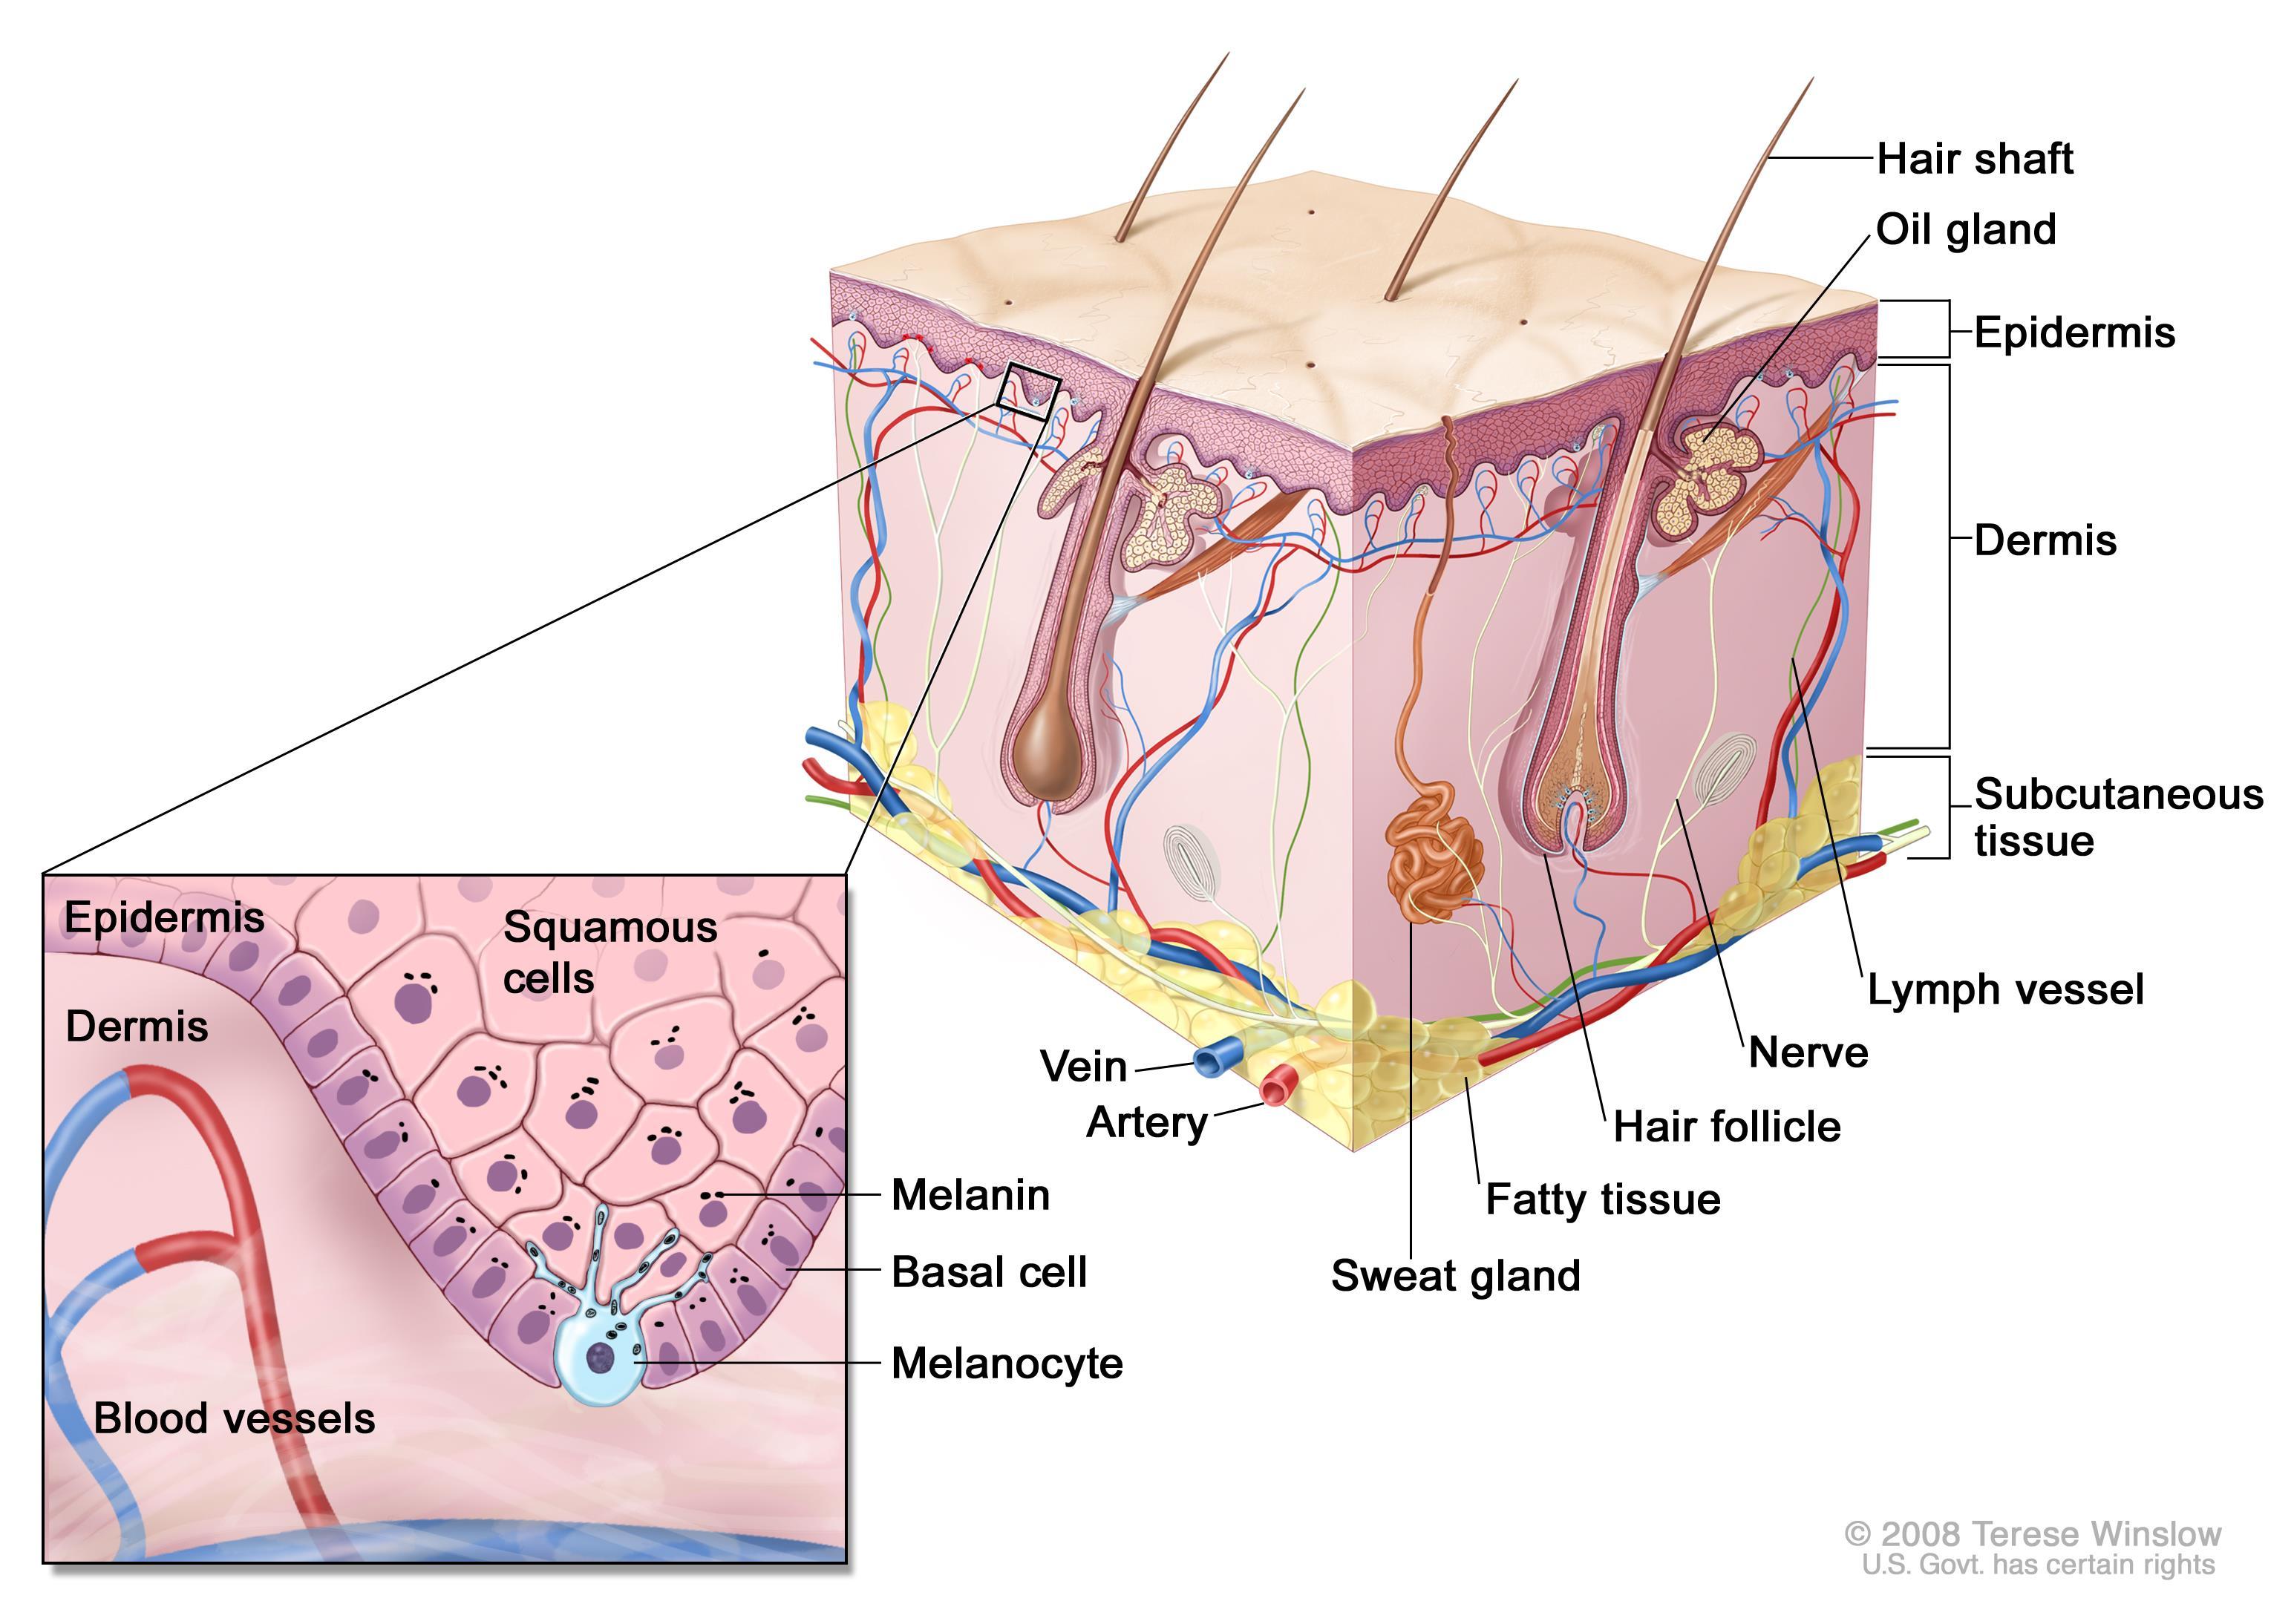 cau-truc-da-co-the-phuc-hoi-khong-skin-care-treatment-paragon-clinic